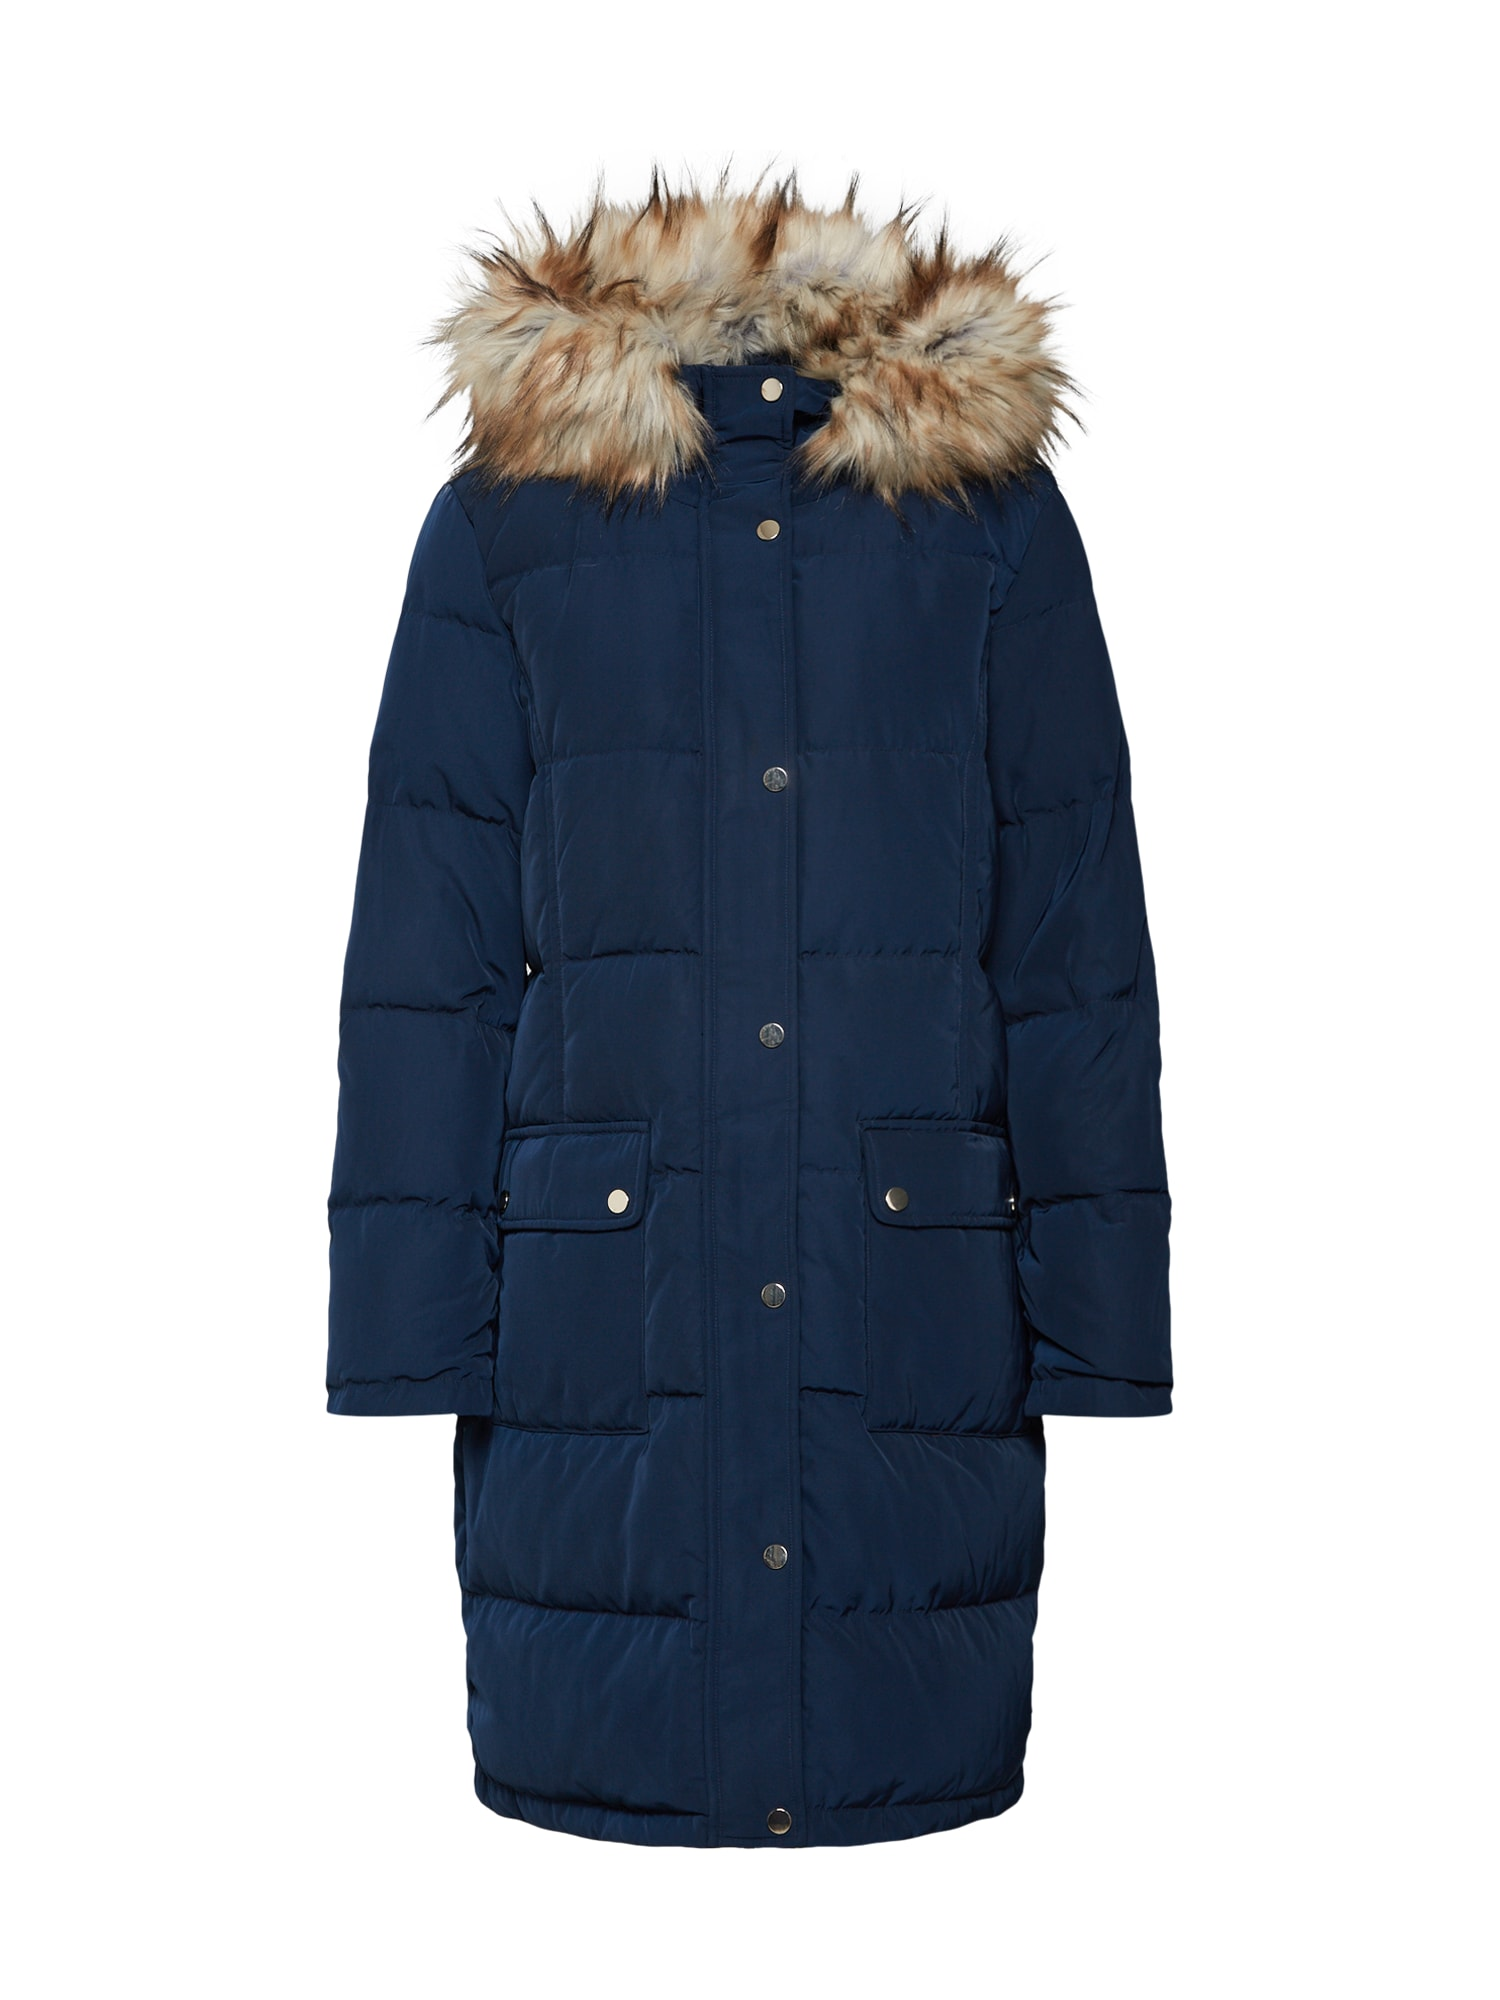 Zimní kabát Vicalifornia noční modrá VILA